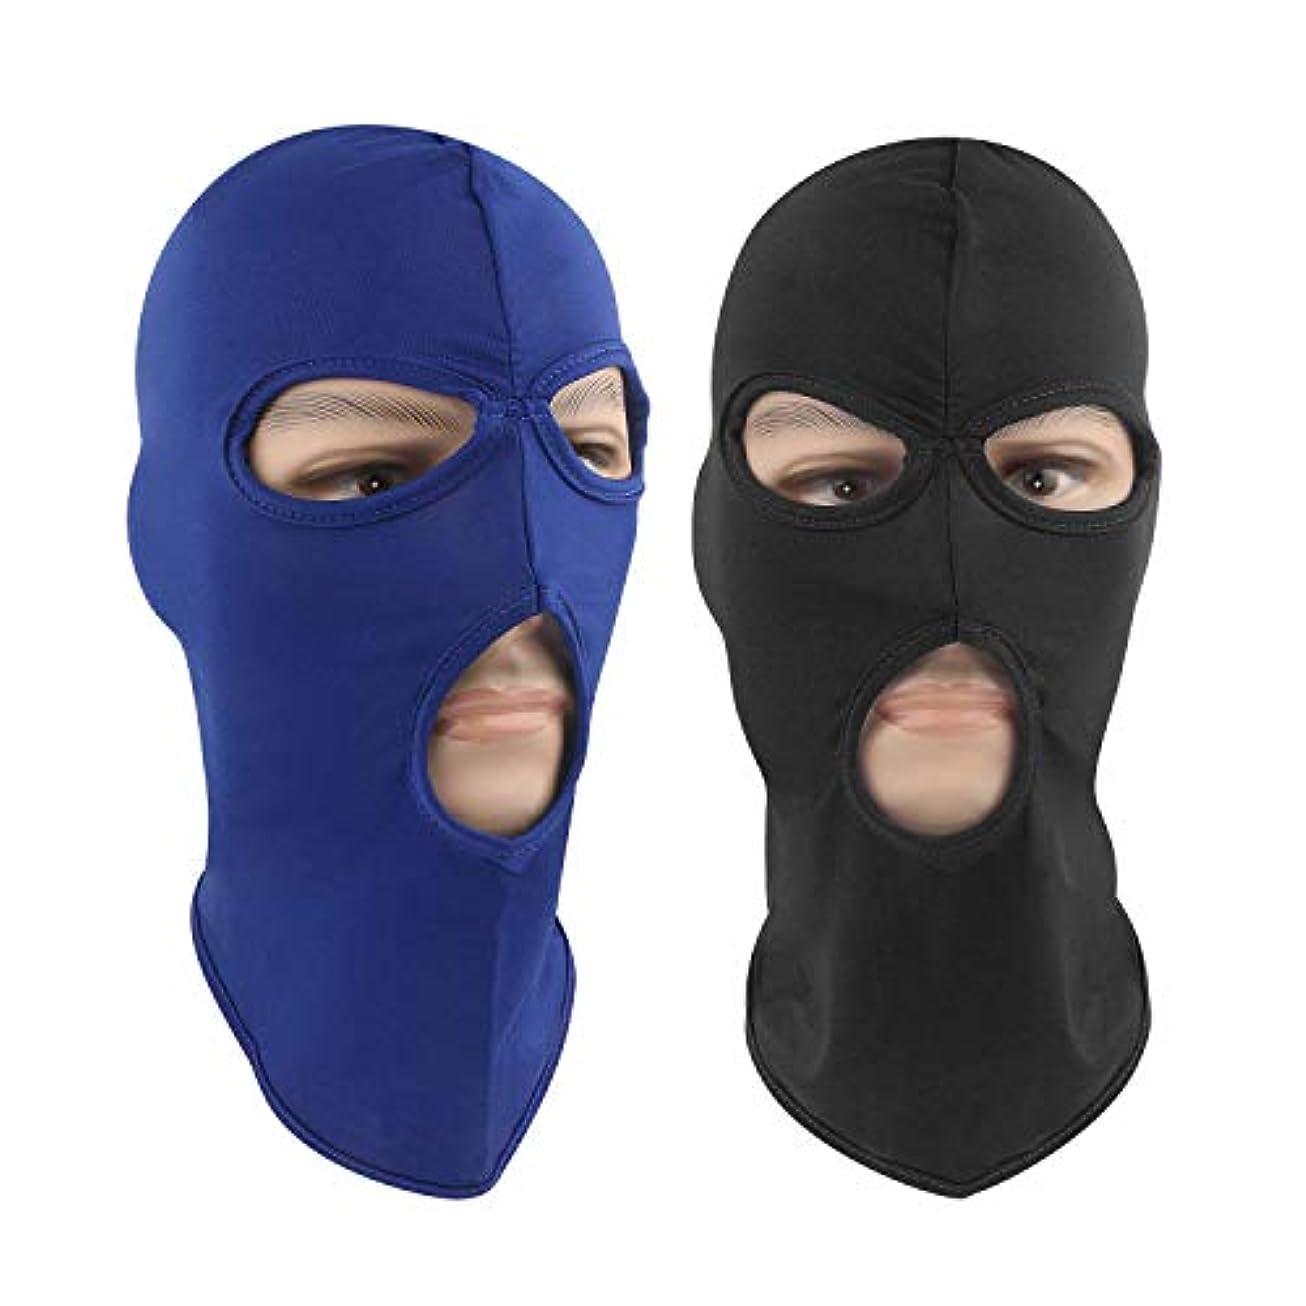 受け皿平凡勤勉バラクラバマスク3ホール式 伸縮速乾 柔軟軽量 保温通気 UVカット 防風 フルフェイスマスク,ブラック+ブルー,2個